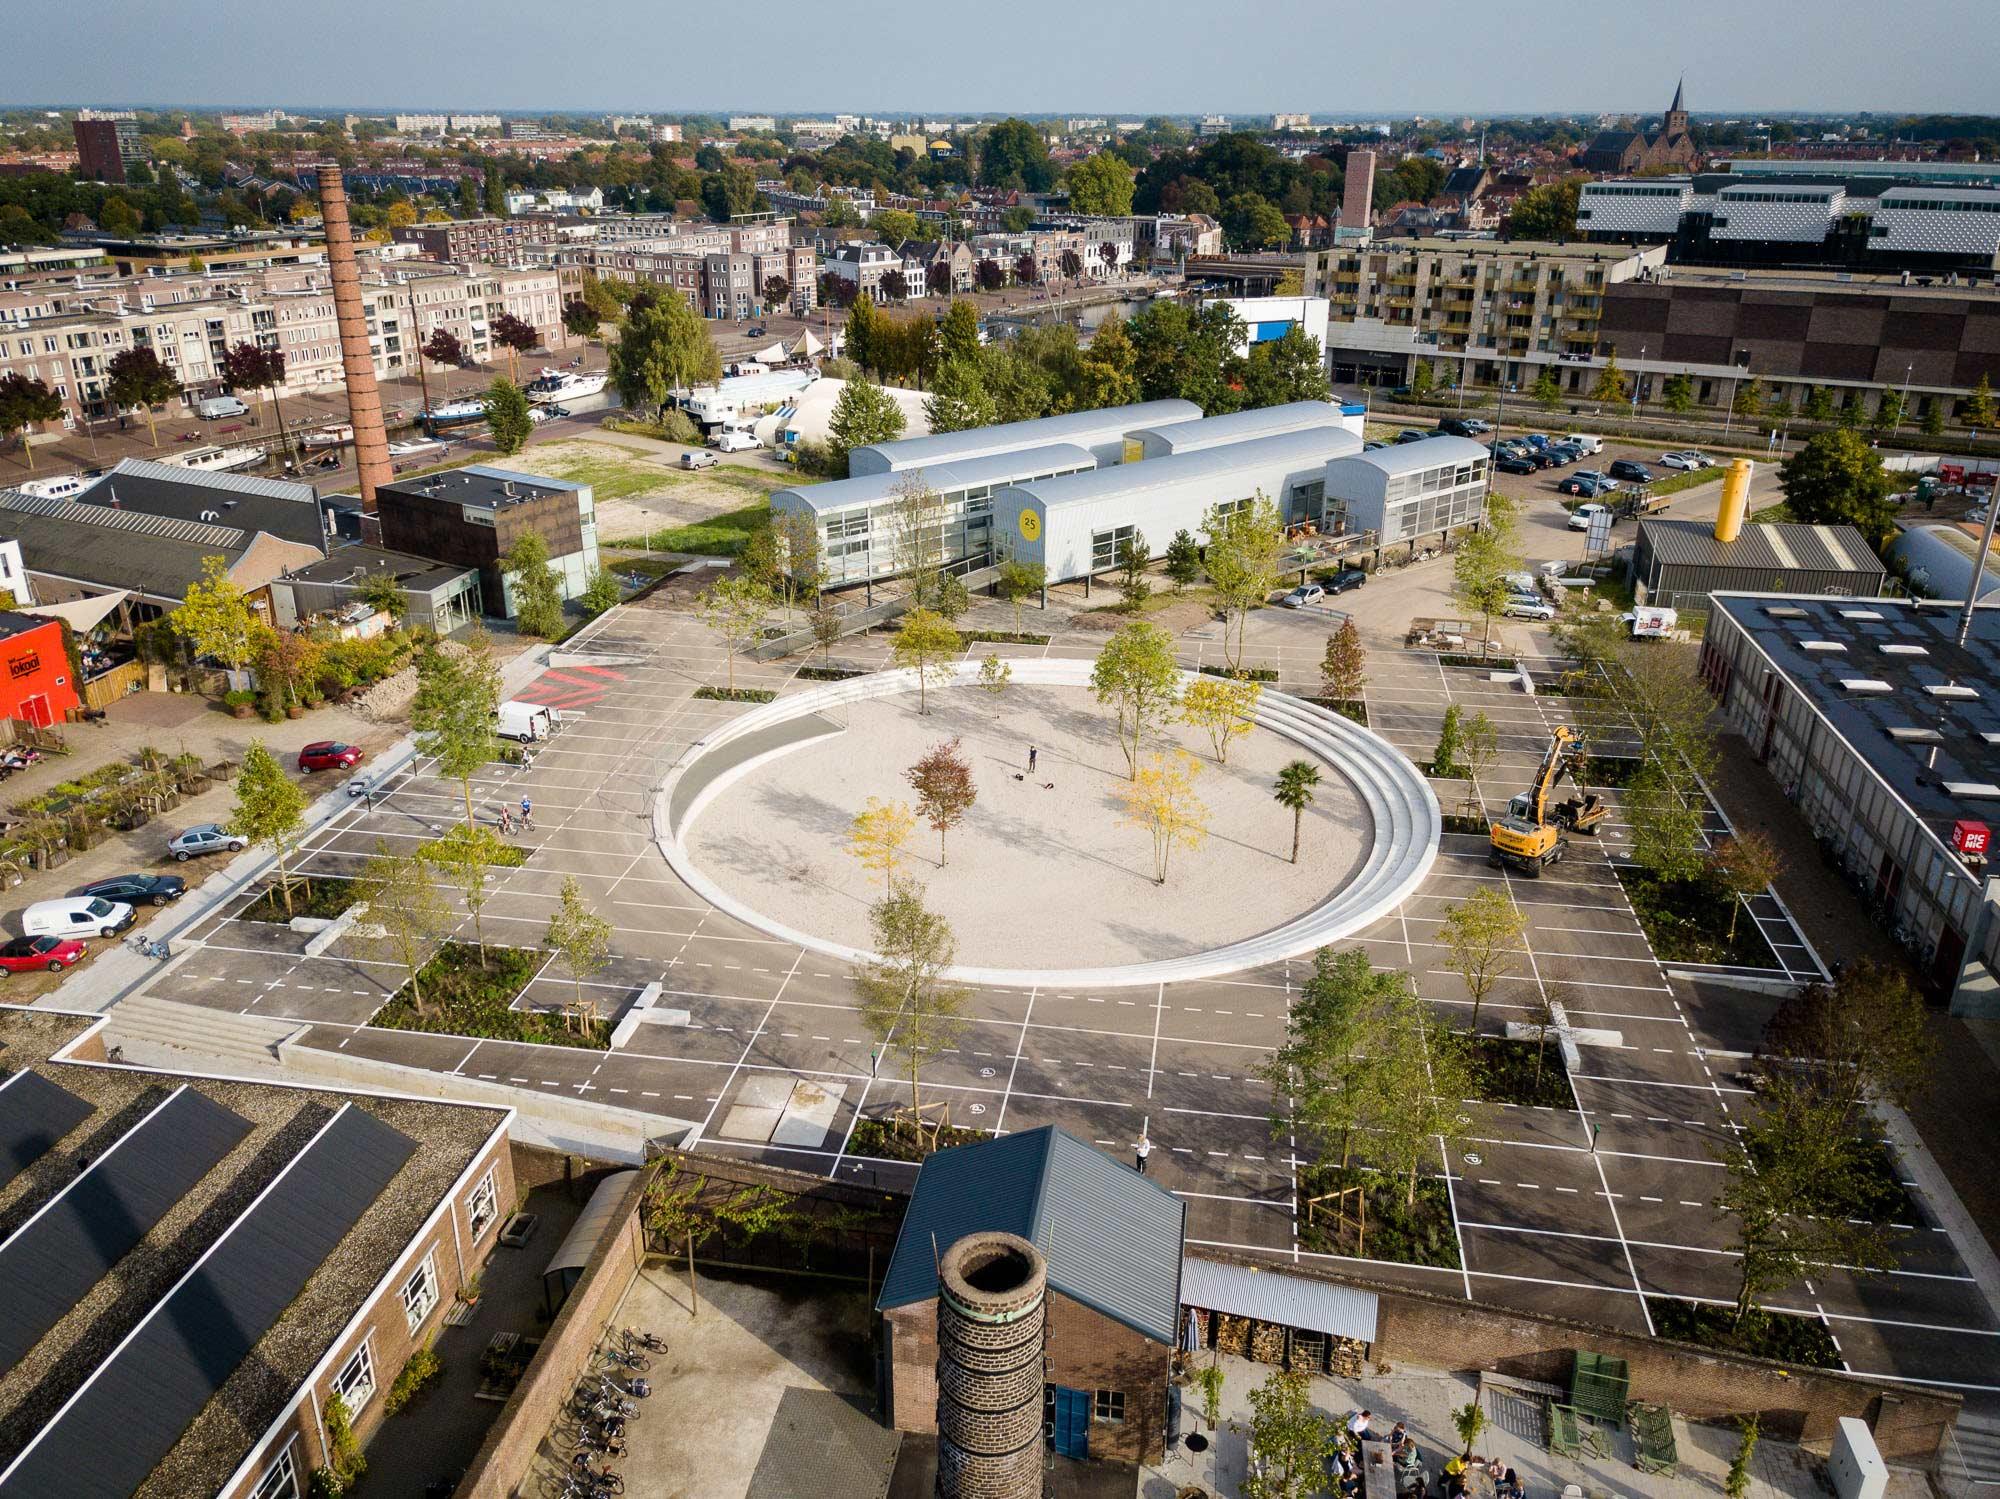 Ontmoeten en elektrisch laden midden in De Nieuwe Stad